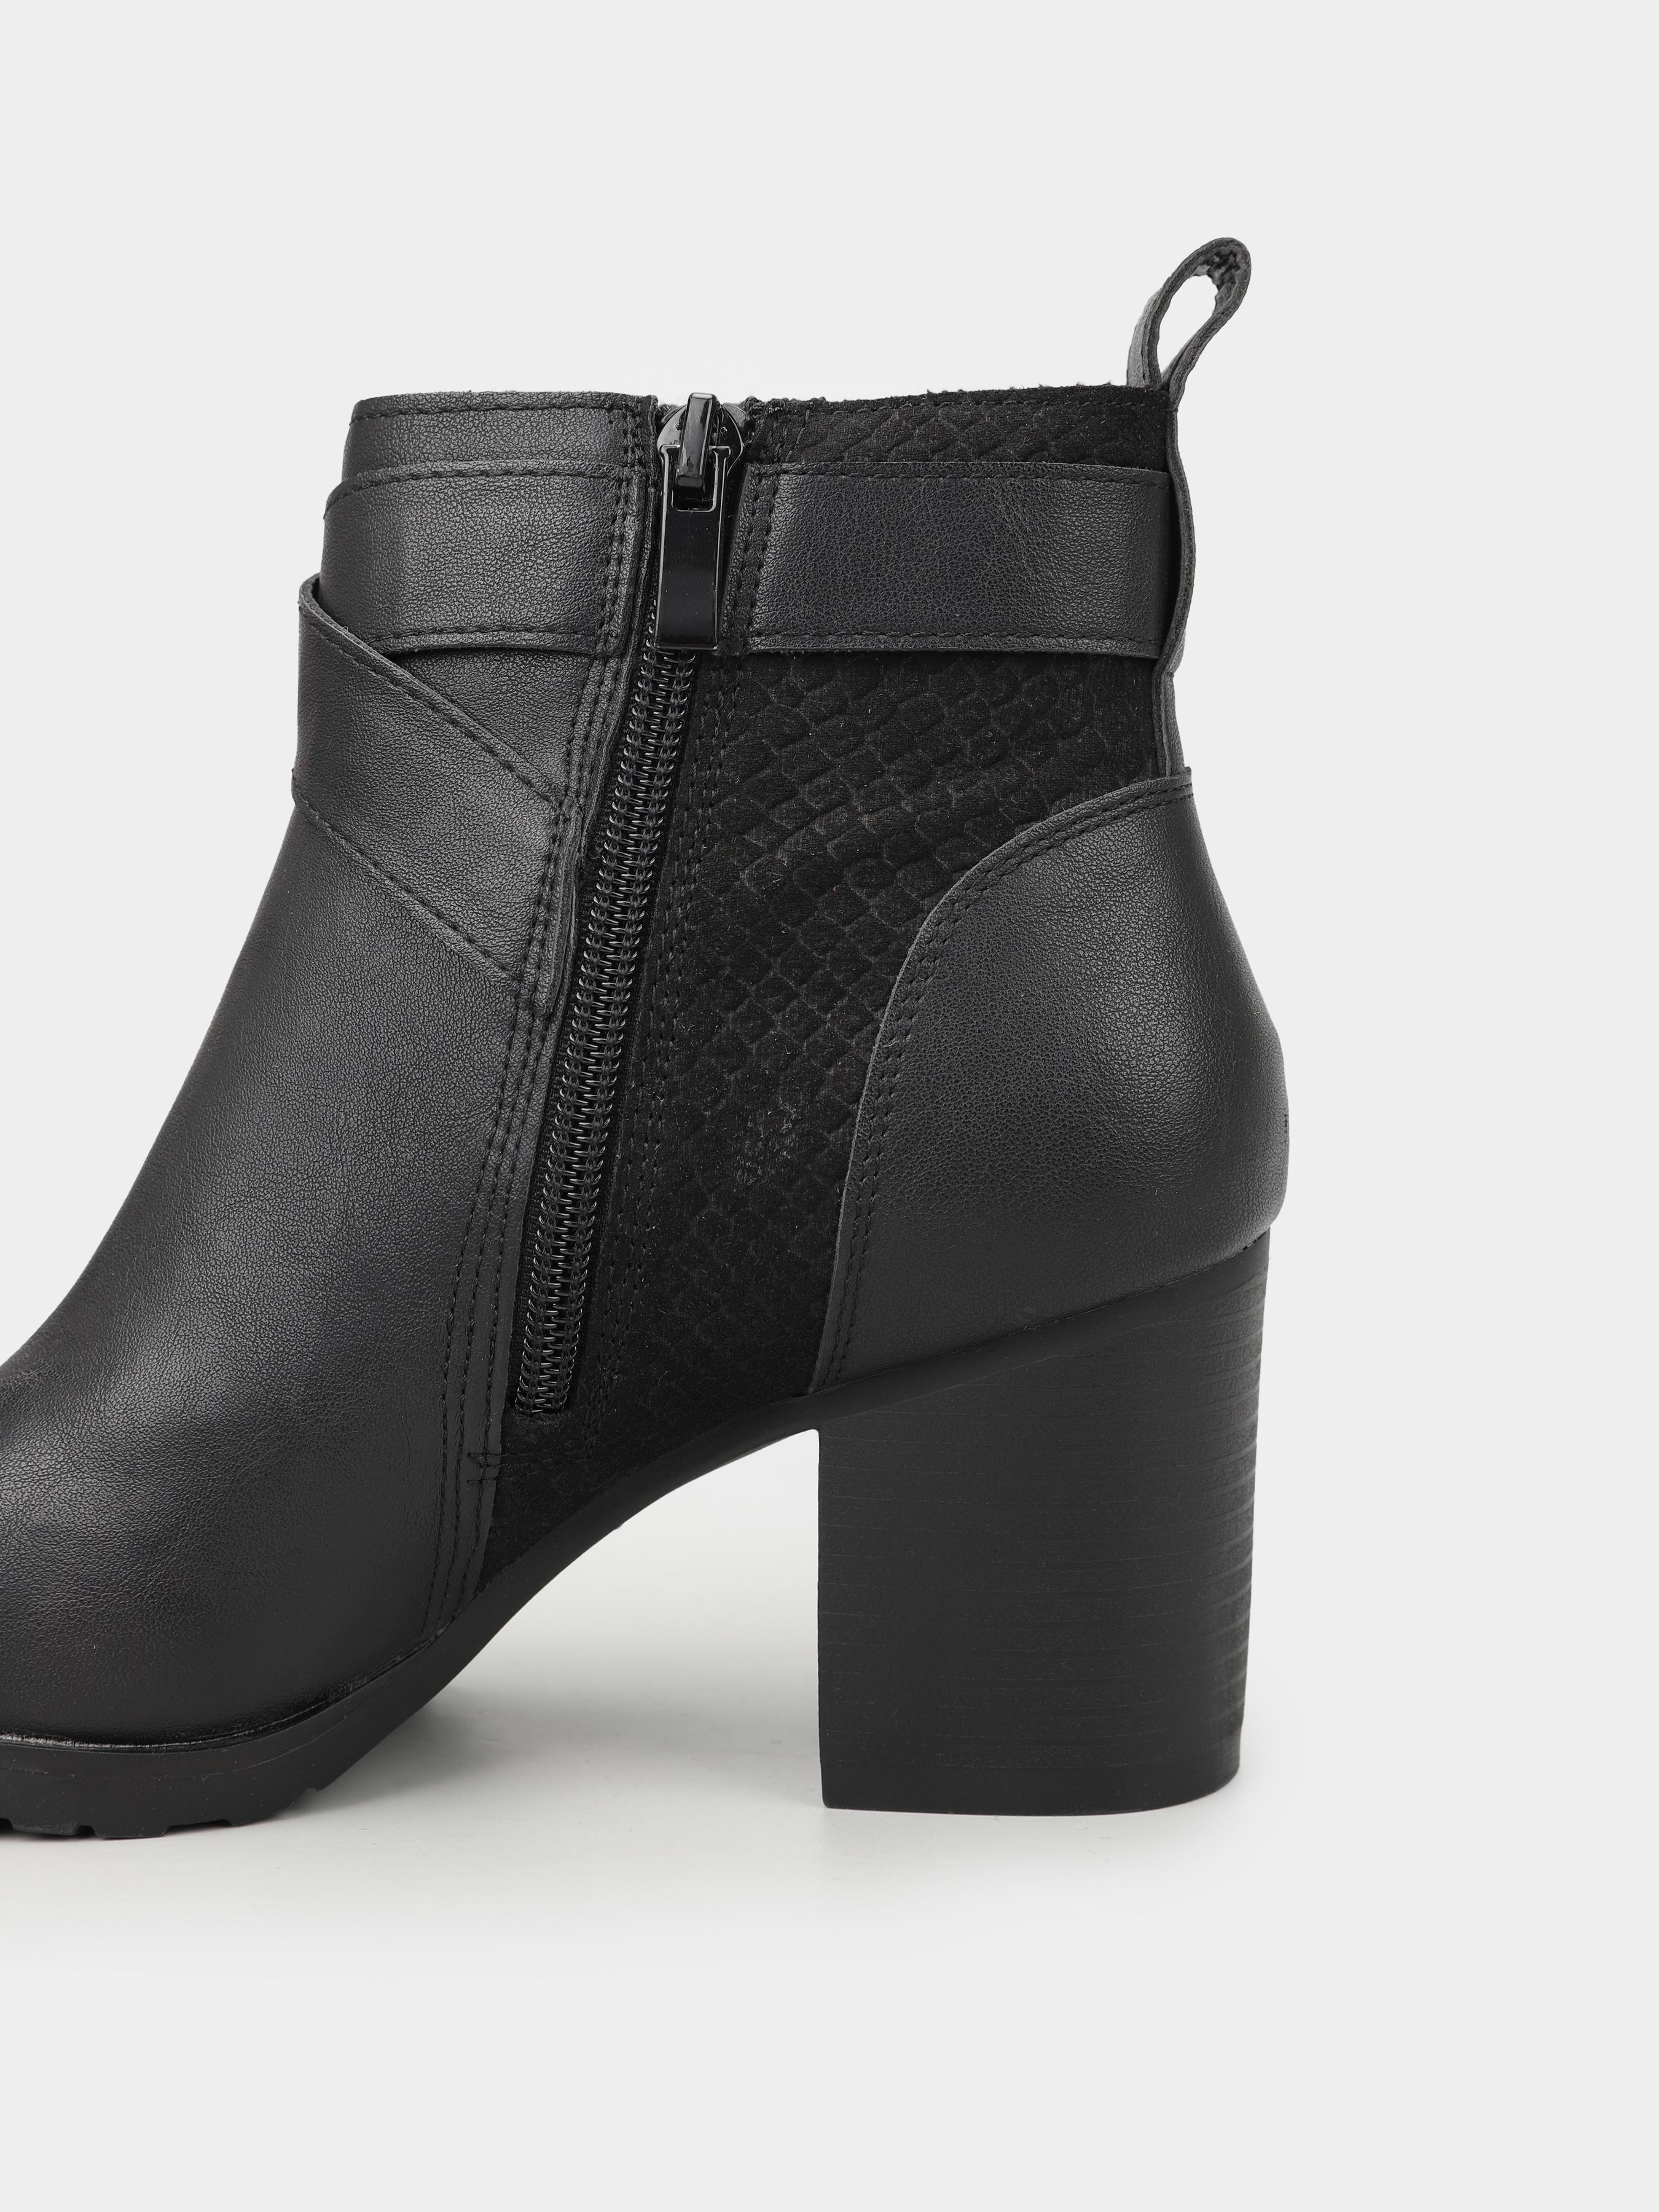 Ботинки для женщин M Wone OI153 купить в Интертоп, 2017